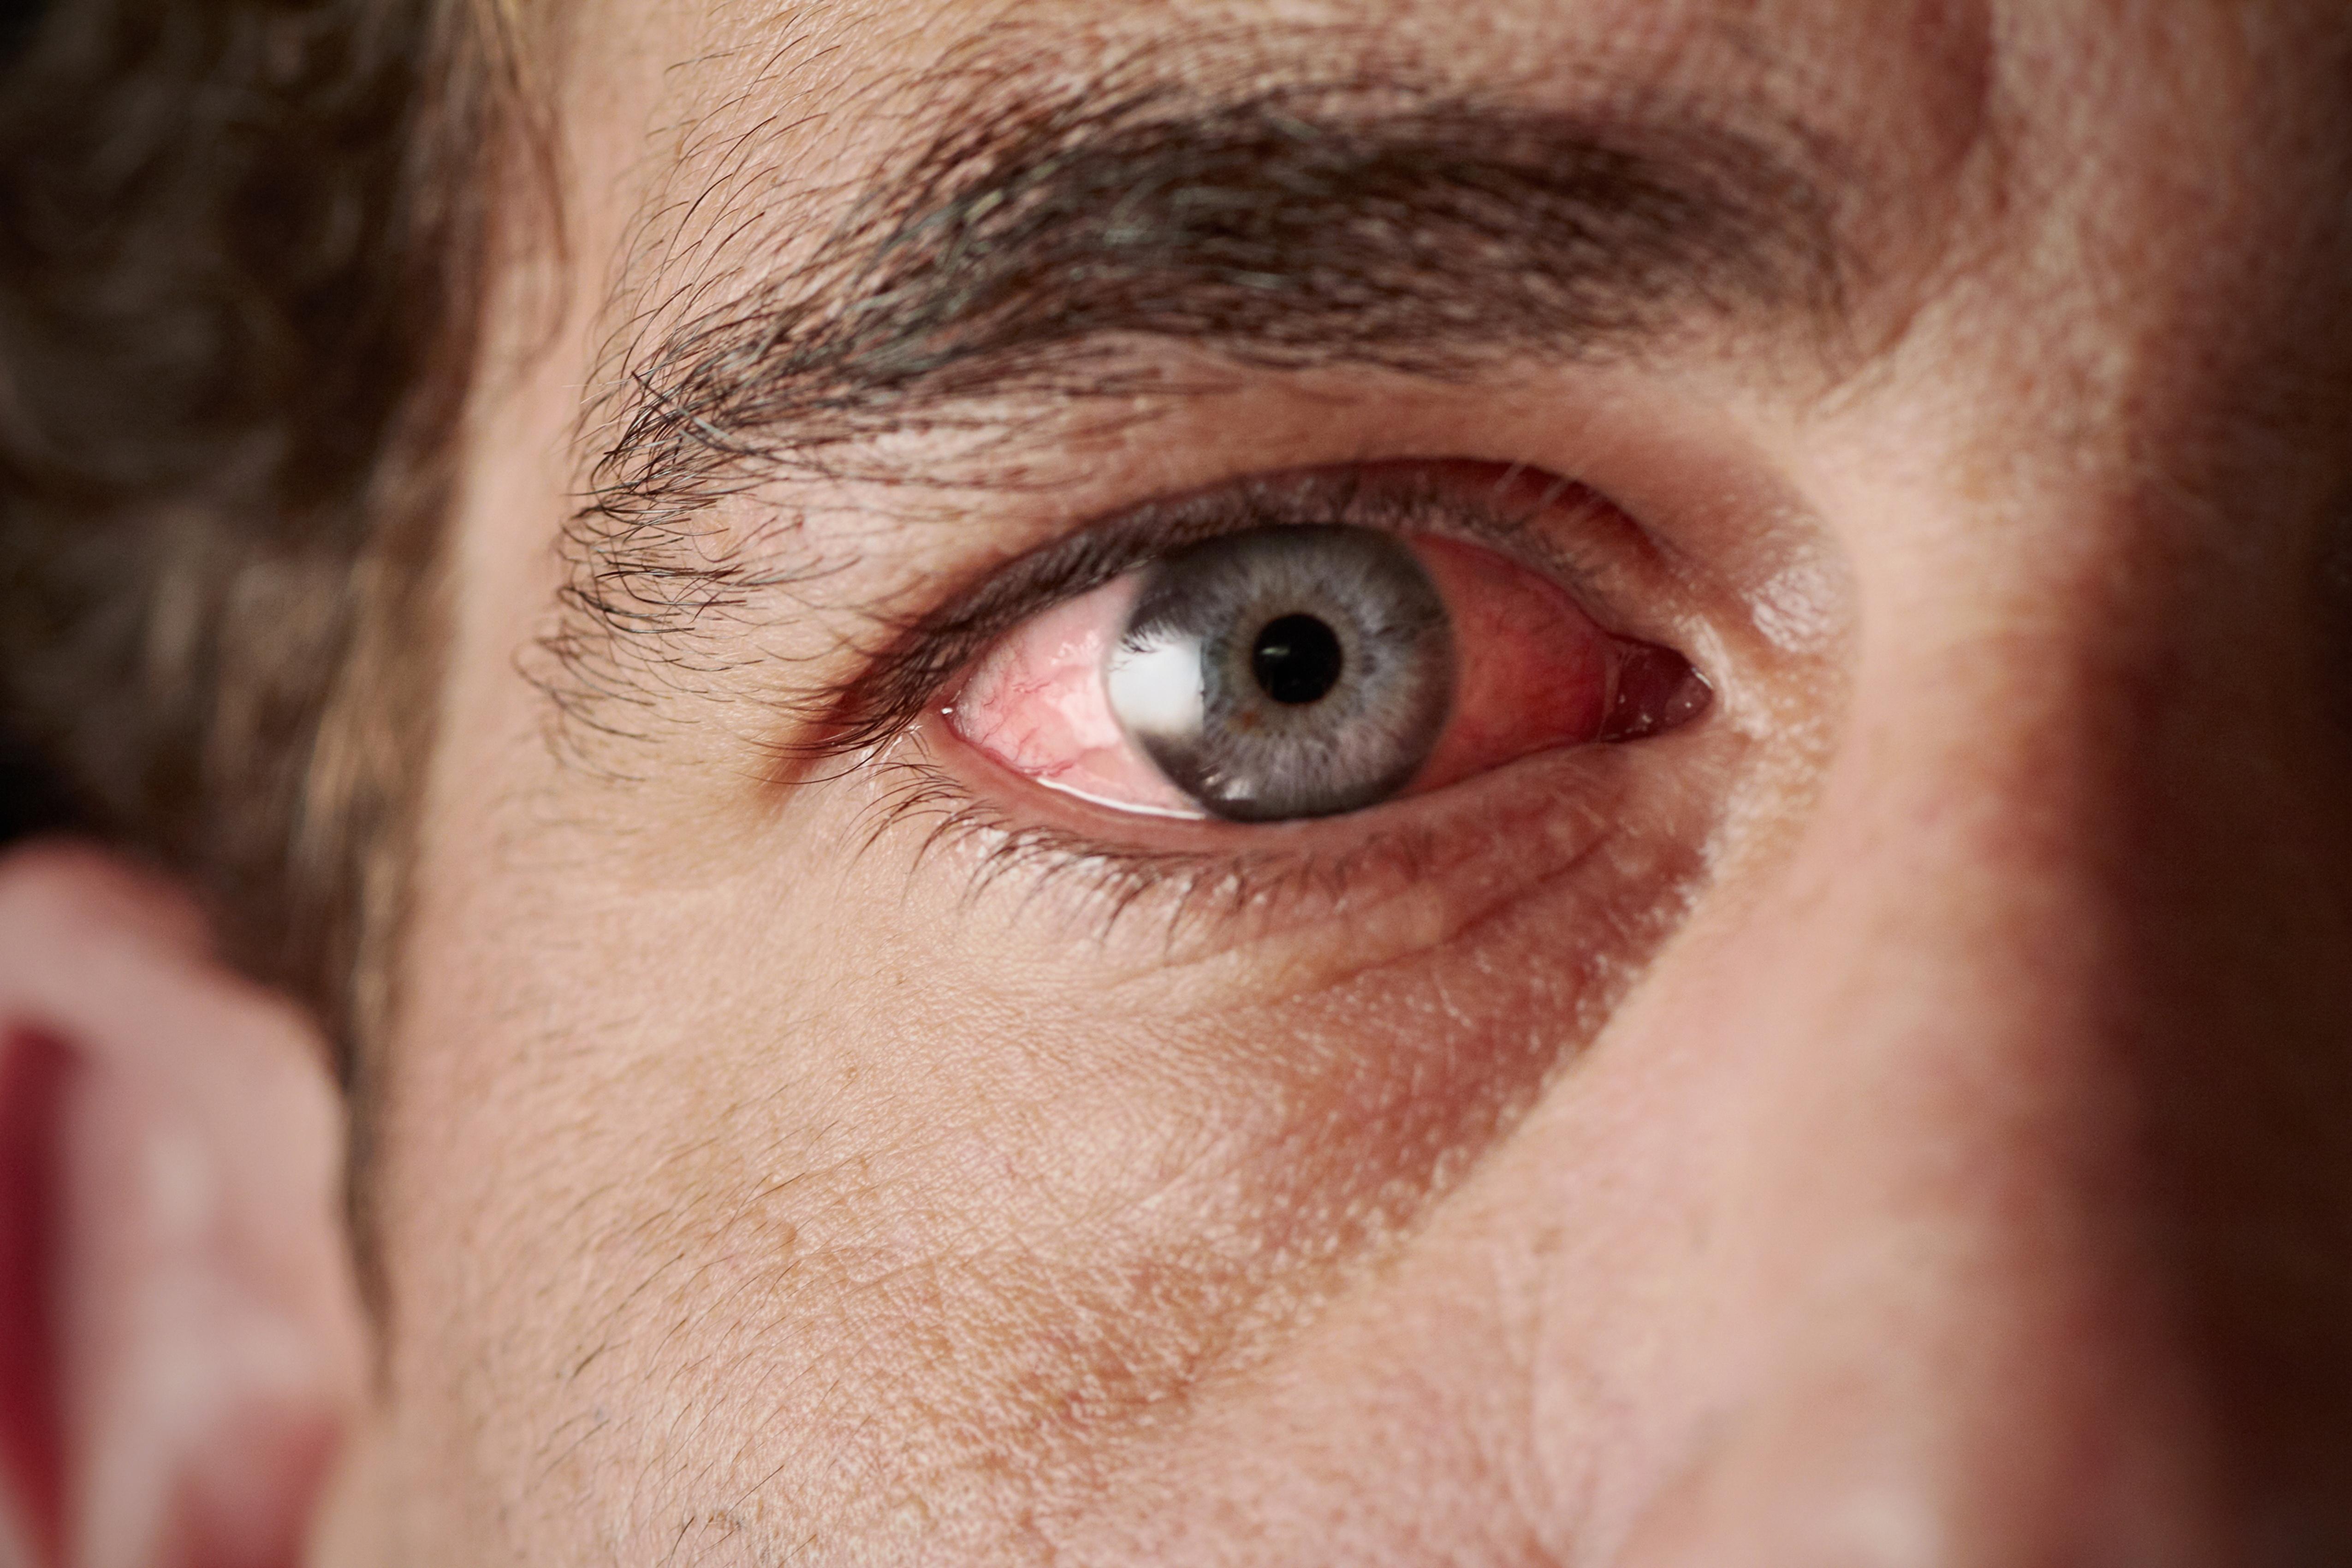 a szem alatt vörös foltok és pelyhek vannak